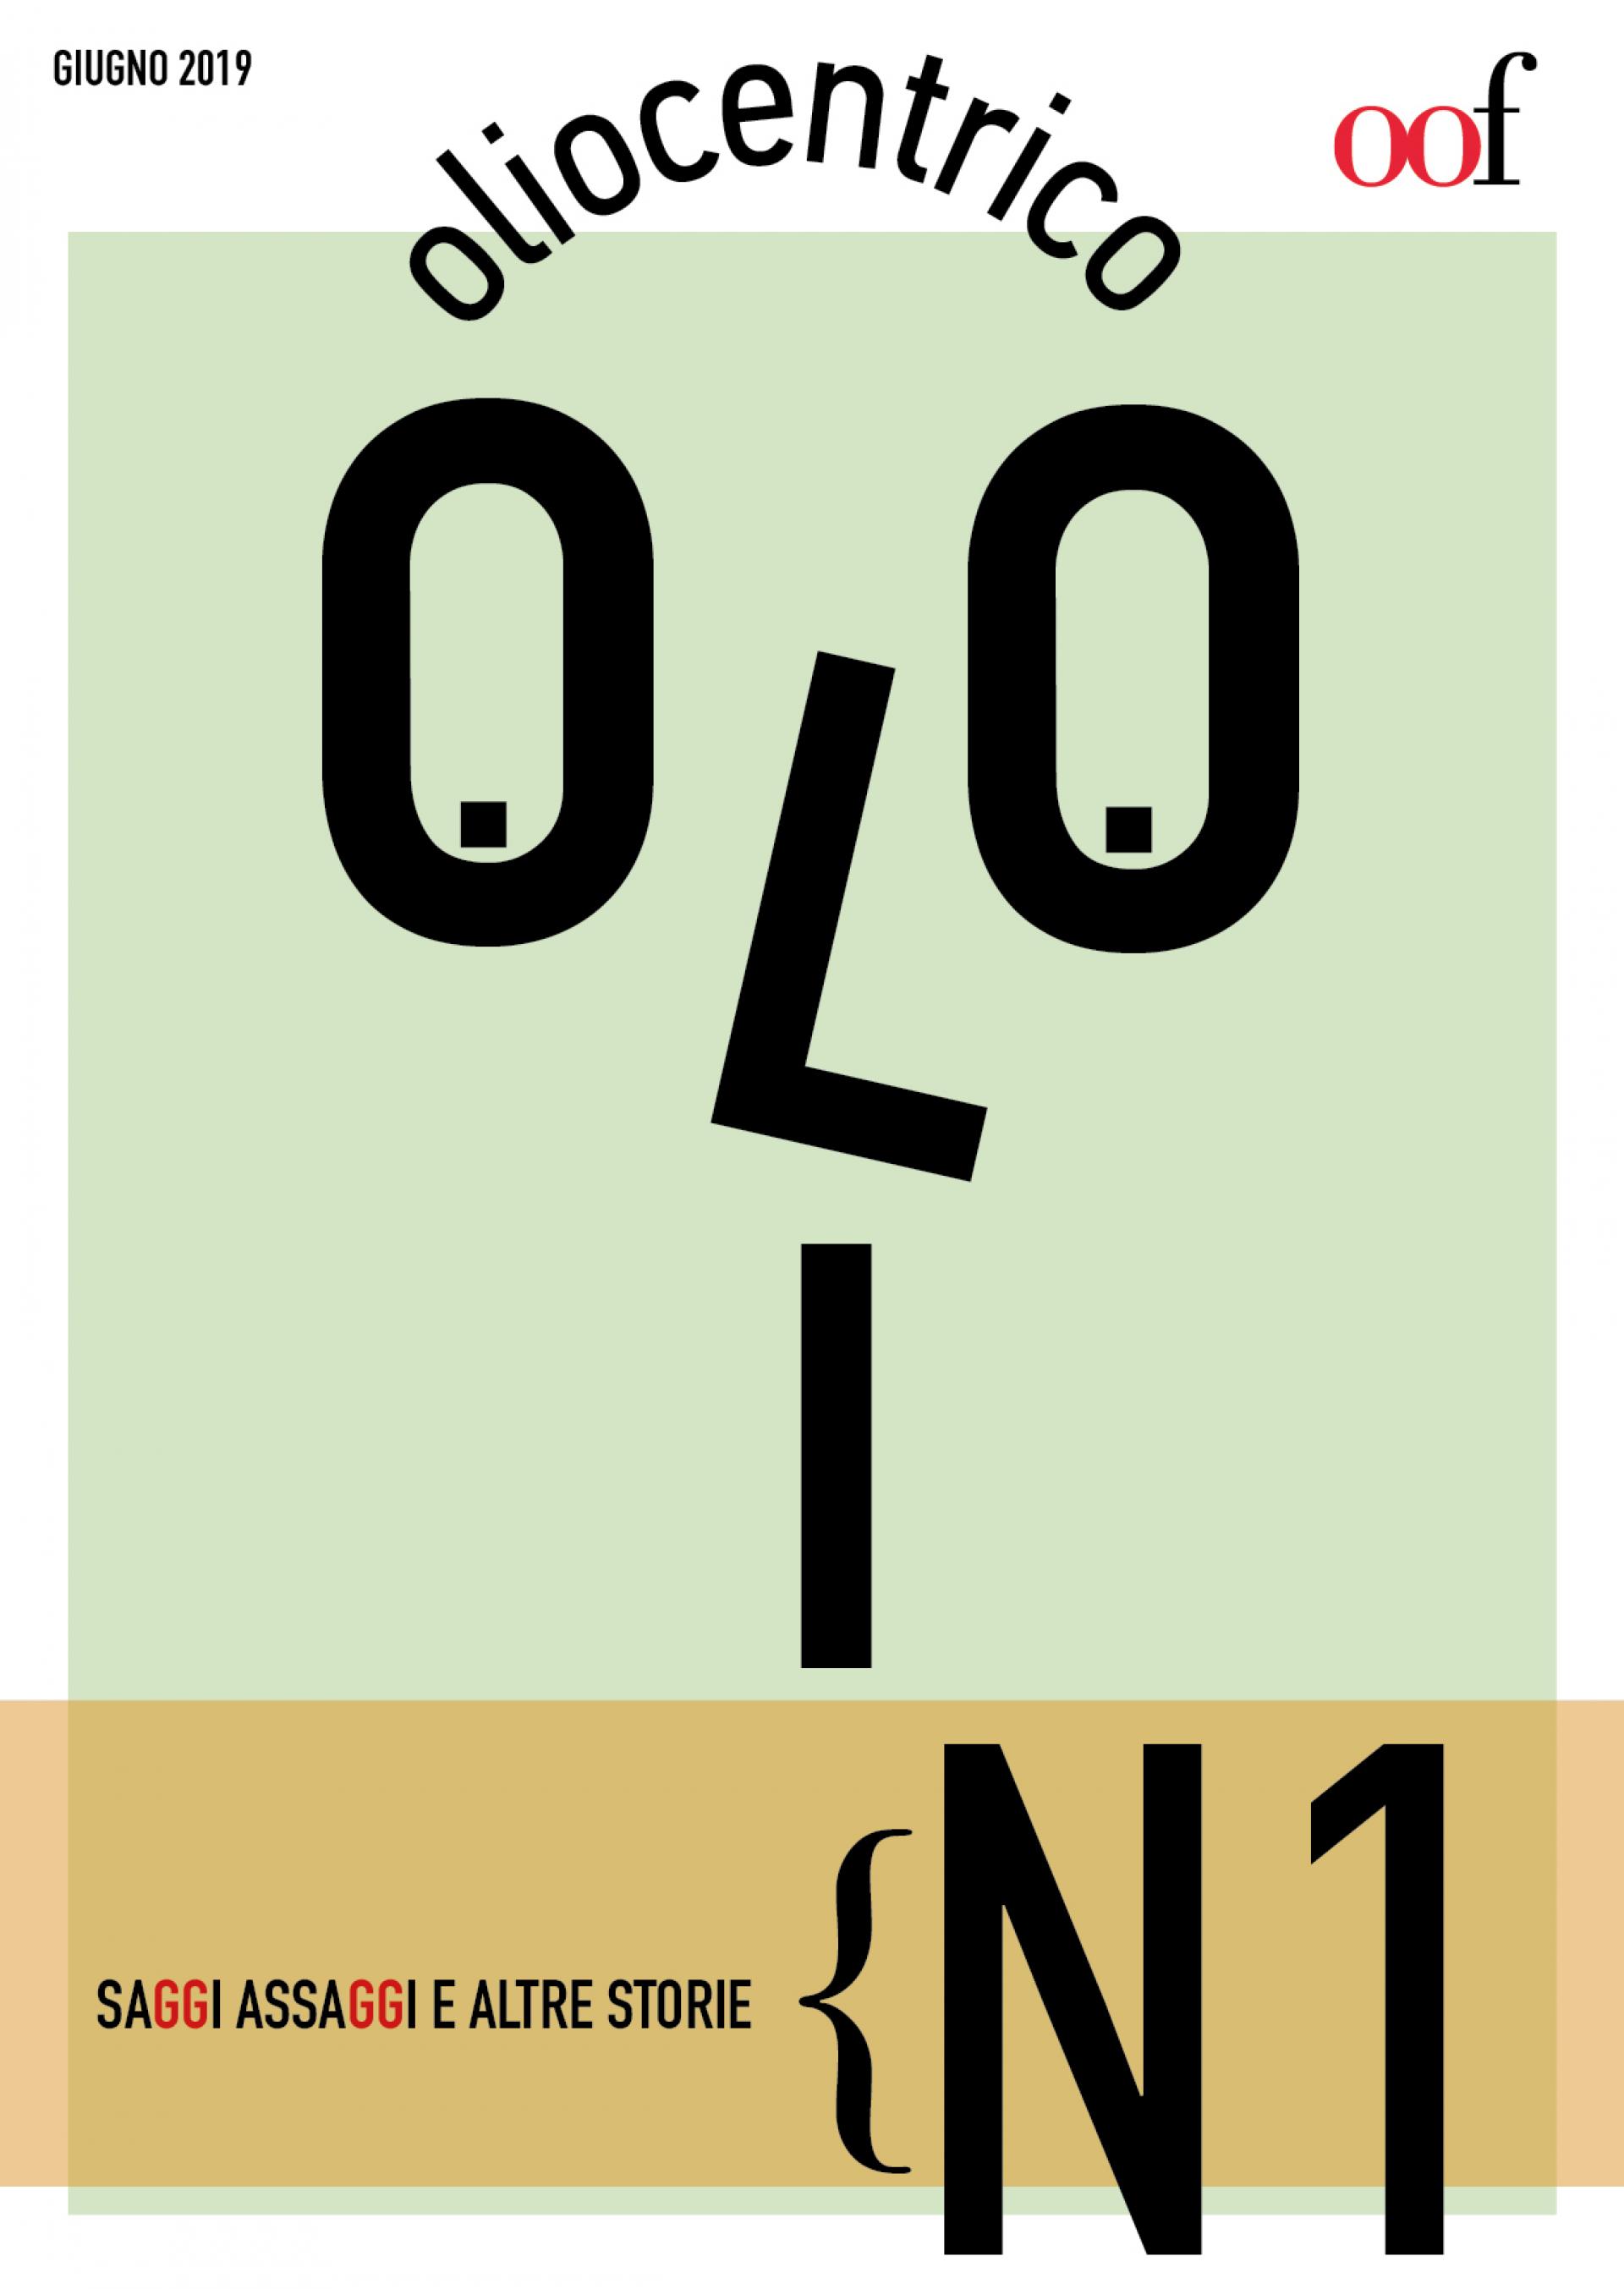 Oliocentrico N. 1